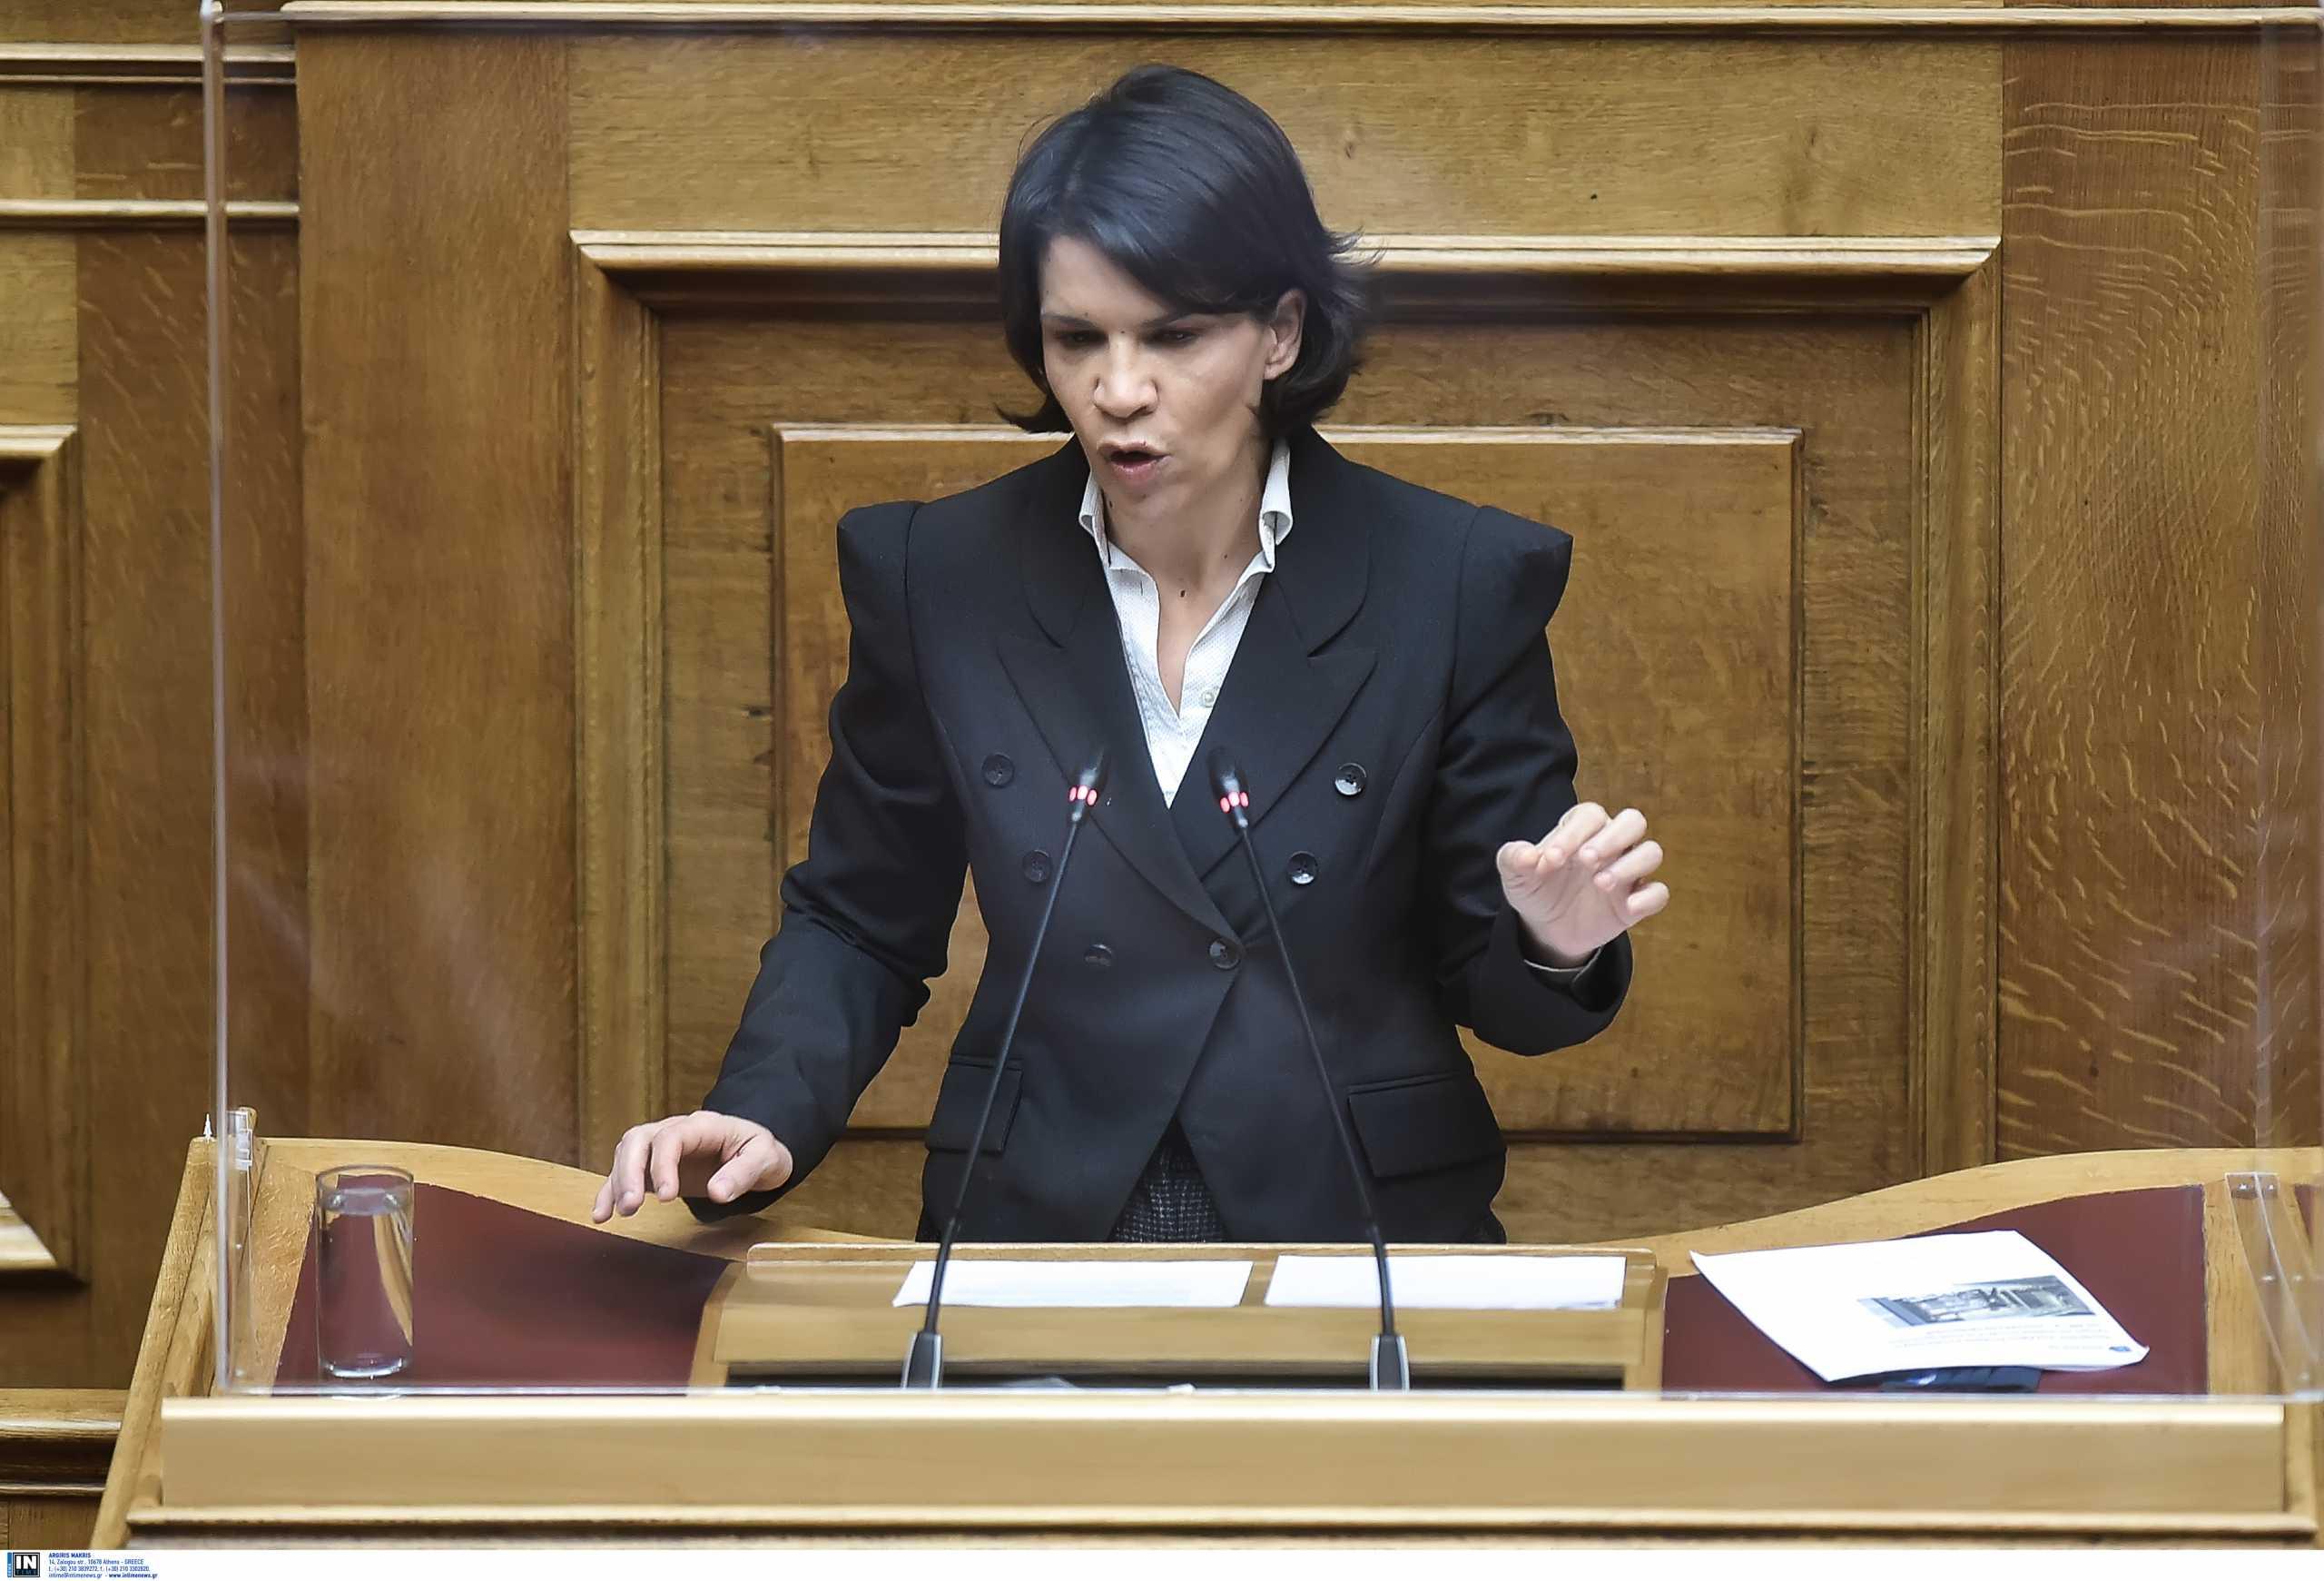 Χαμός στη Βουλή με βουλευτή του ΣΥΡΙΖΑ που αποκάλεσε τον Μητσοτάκη «επιδειξία»